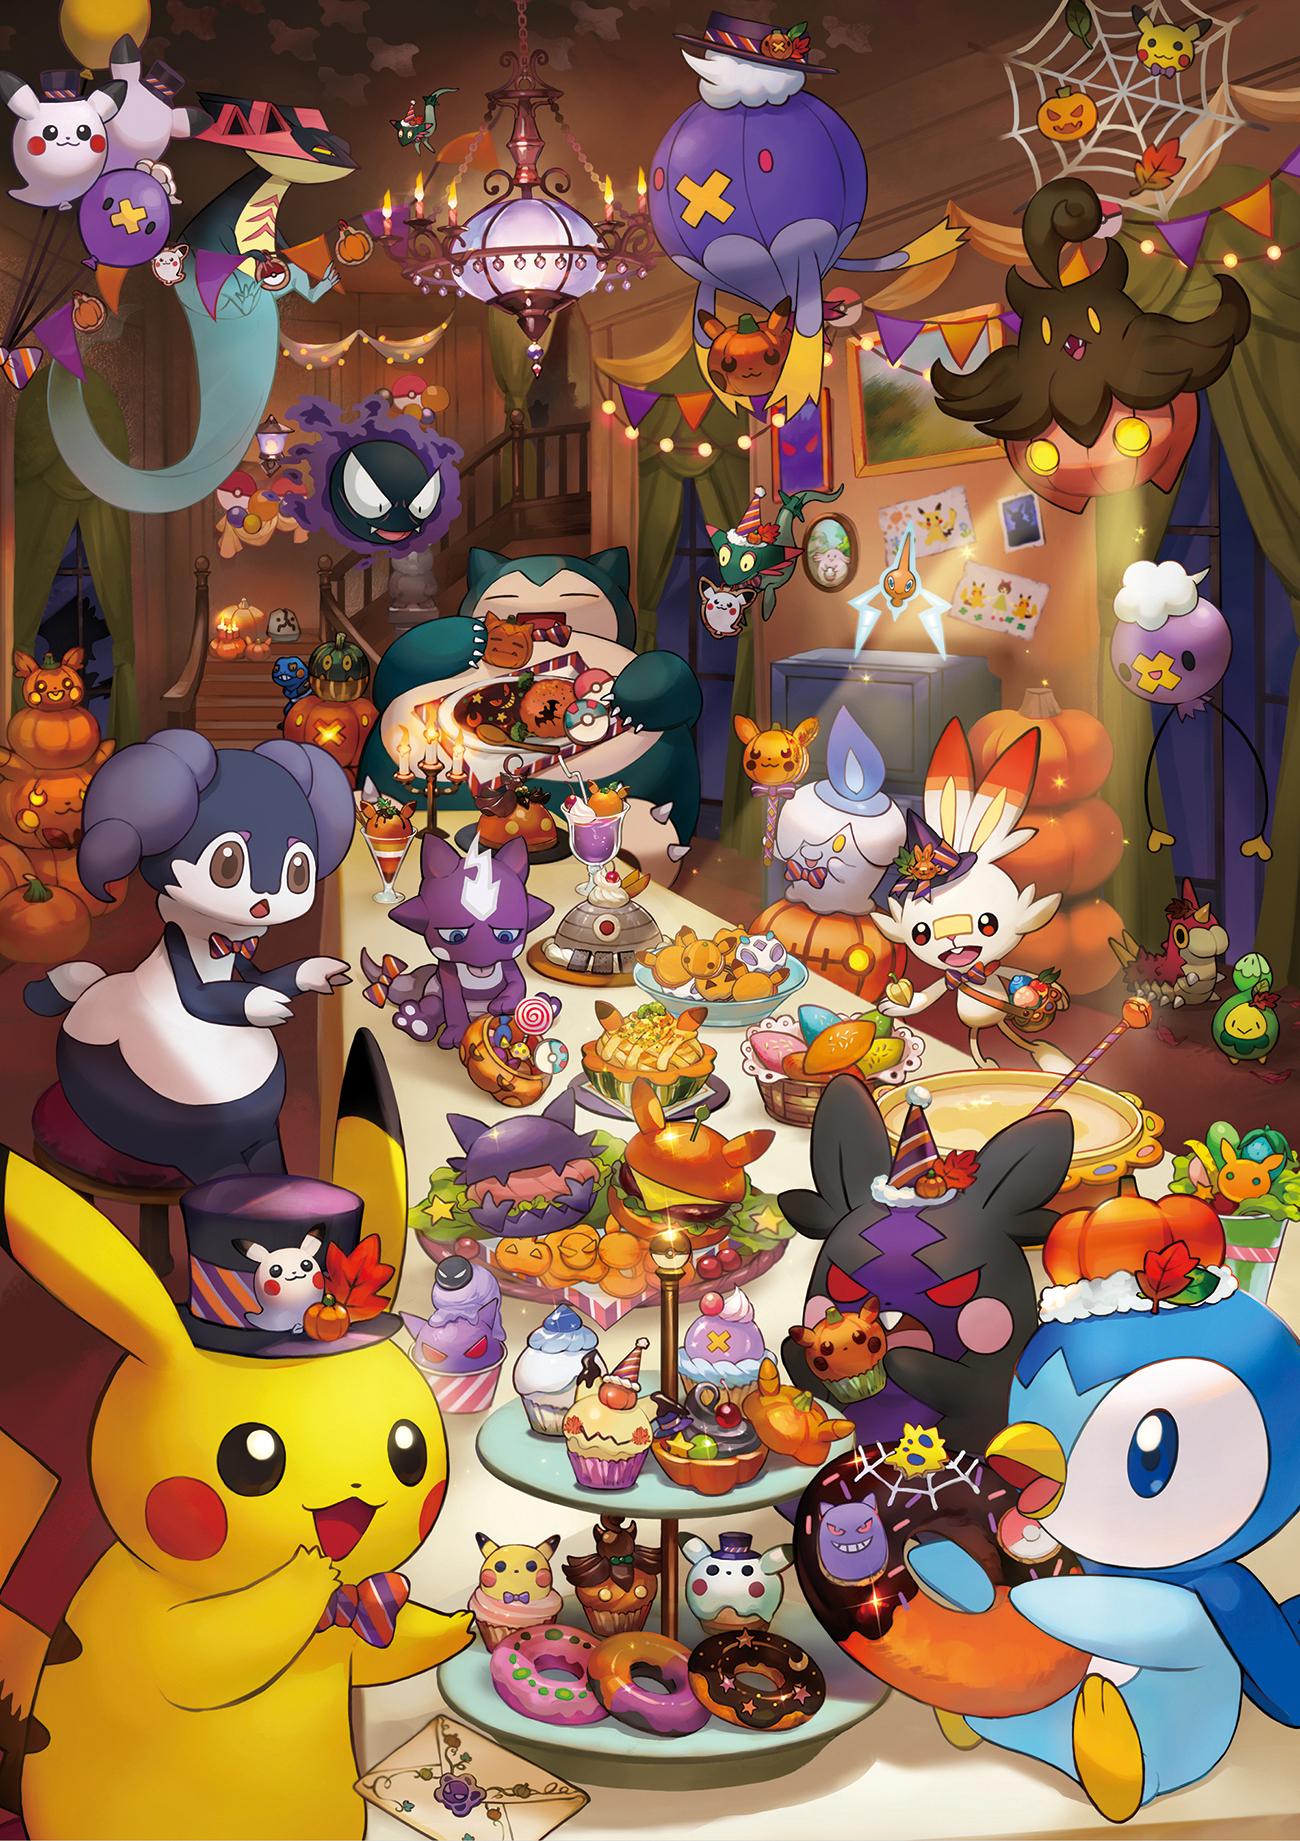 Pokémon Center Halloween 2021 Pumpkin Banquet artwork